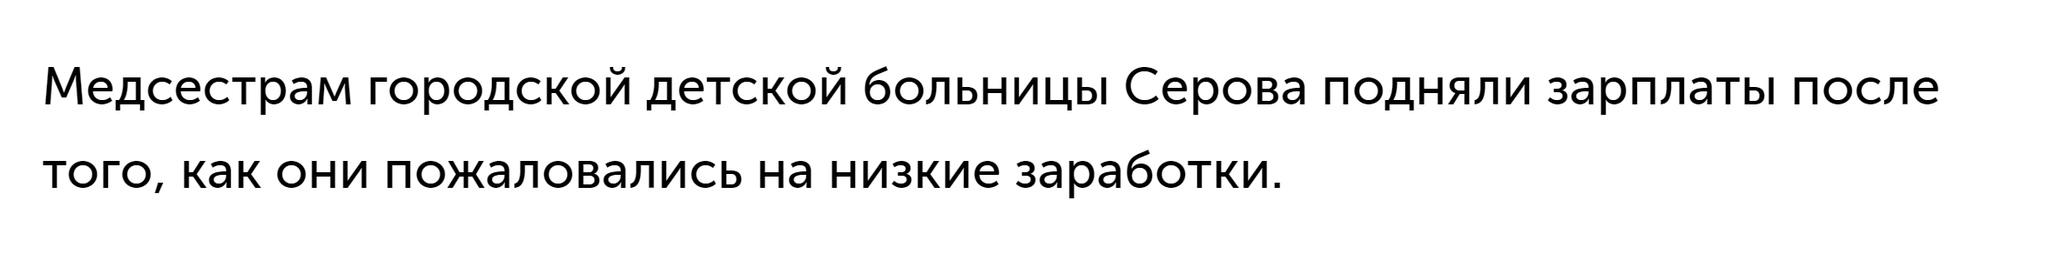 Уральским медикам, которые добились увольнения главврача, подняли зарплату